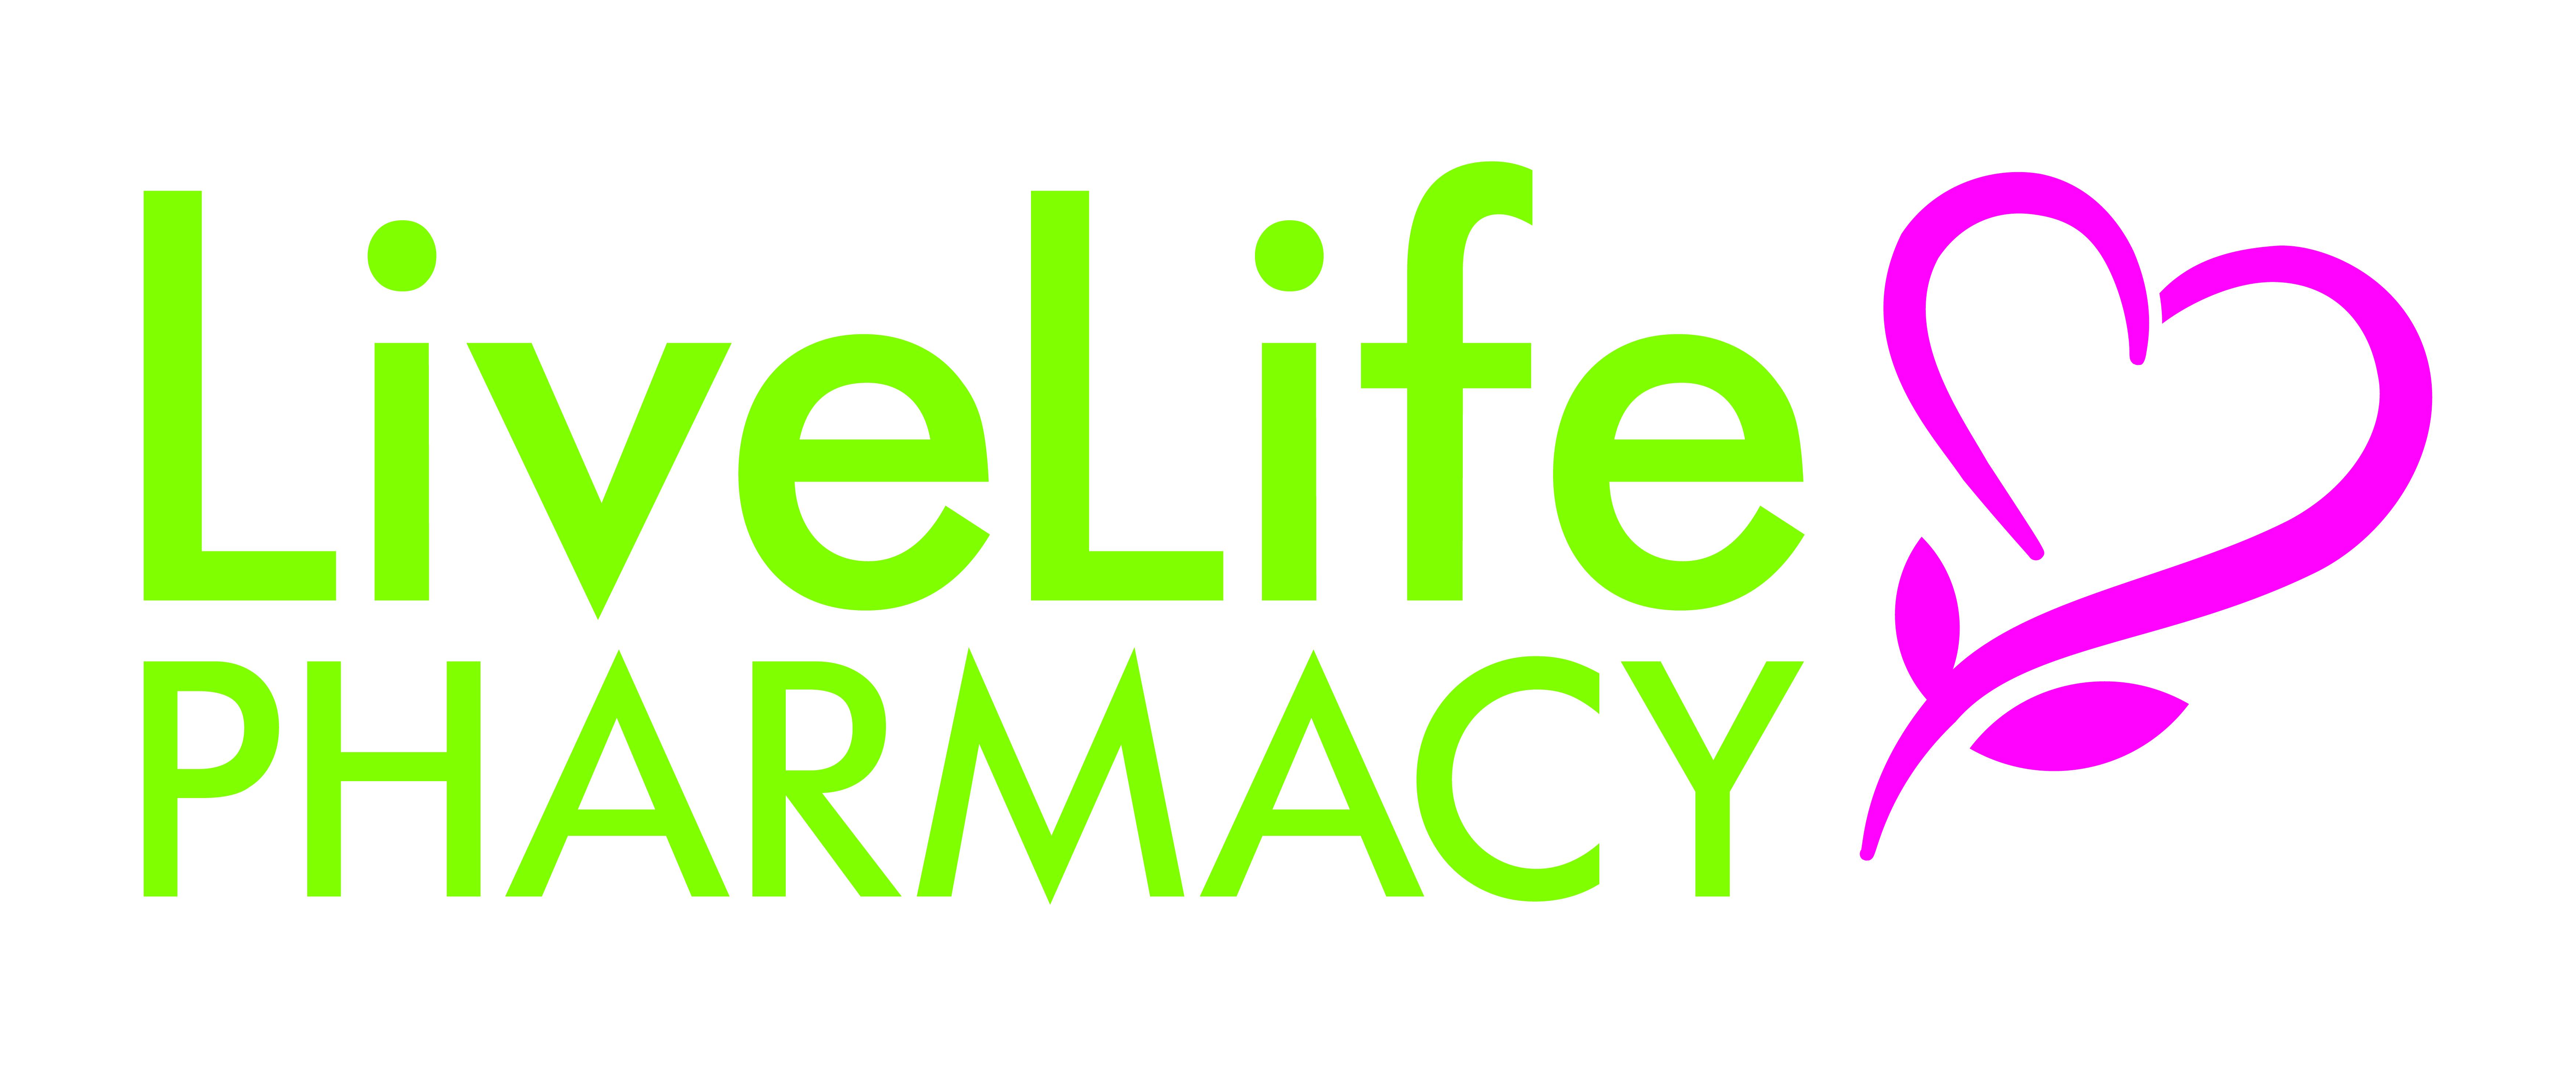 Livelife Pharmacy Port Douglas - Port Douglas, QLD 4871 - (07) 4099 5651   ShowMeLocal.com